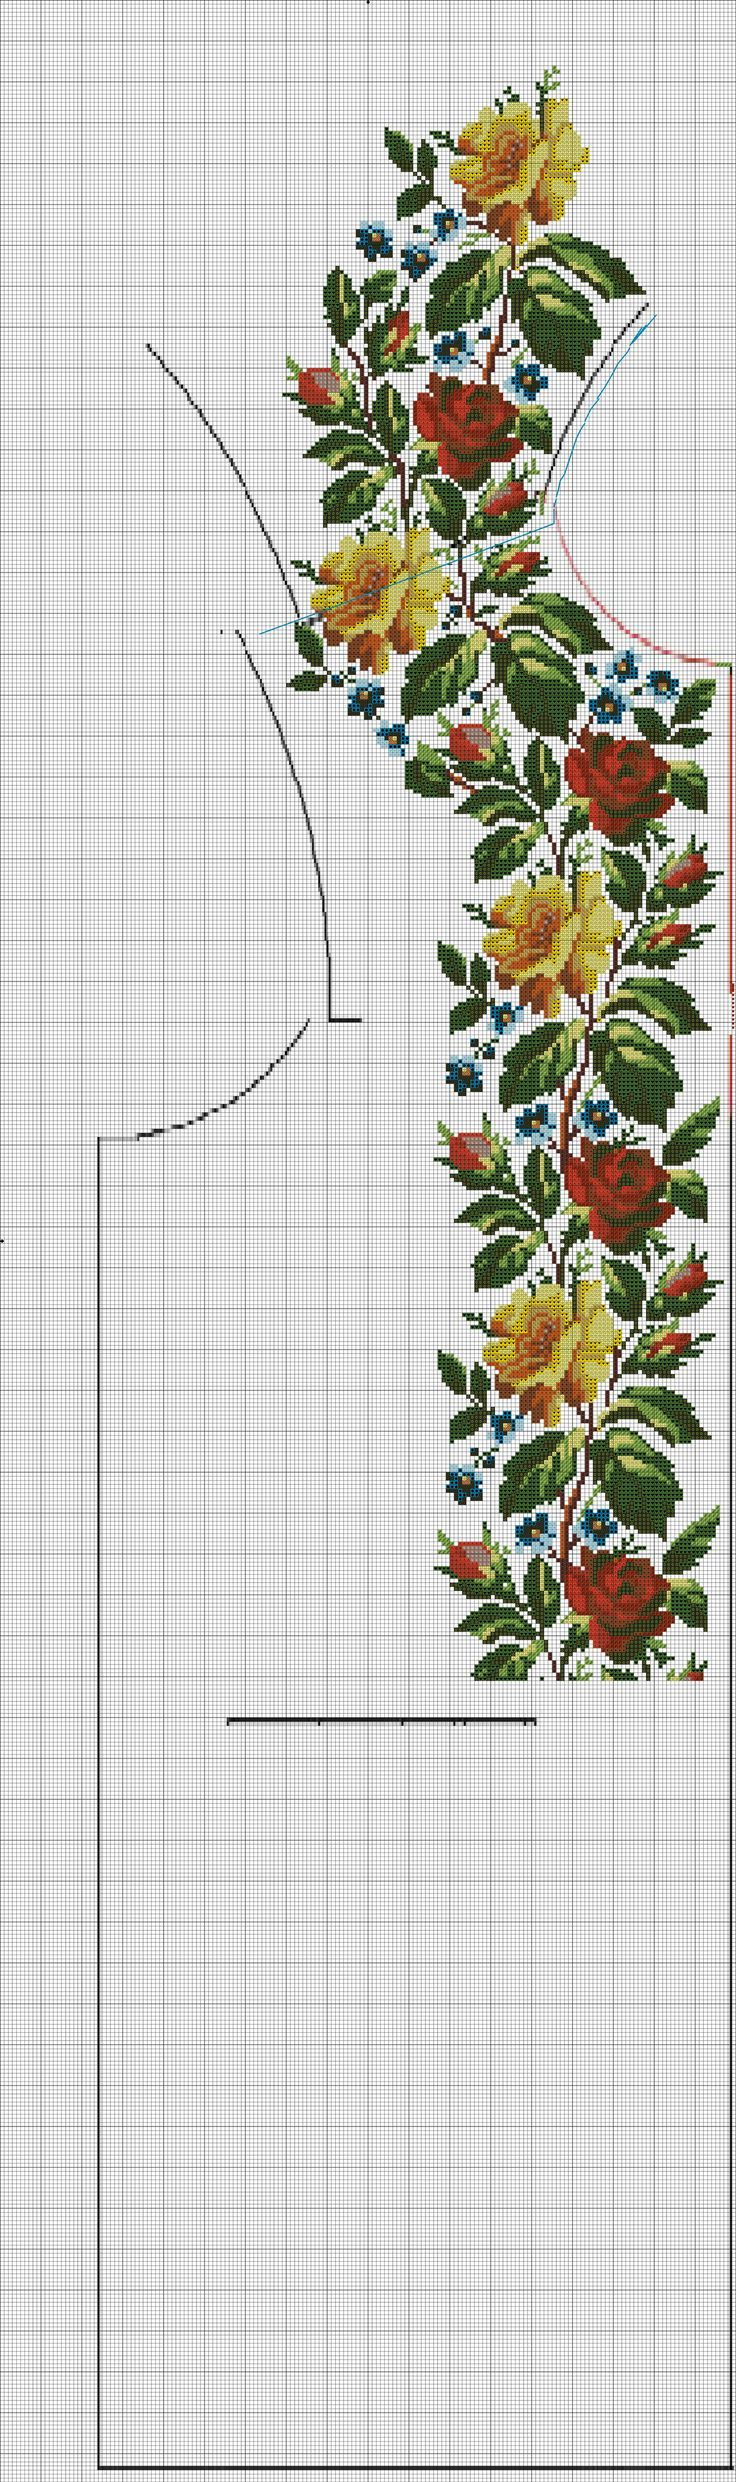 331fb641f29ac76b4e10fdf6f026bd6c.jpg (736×2482)